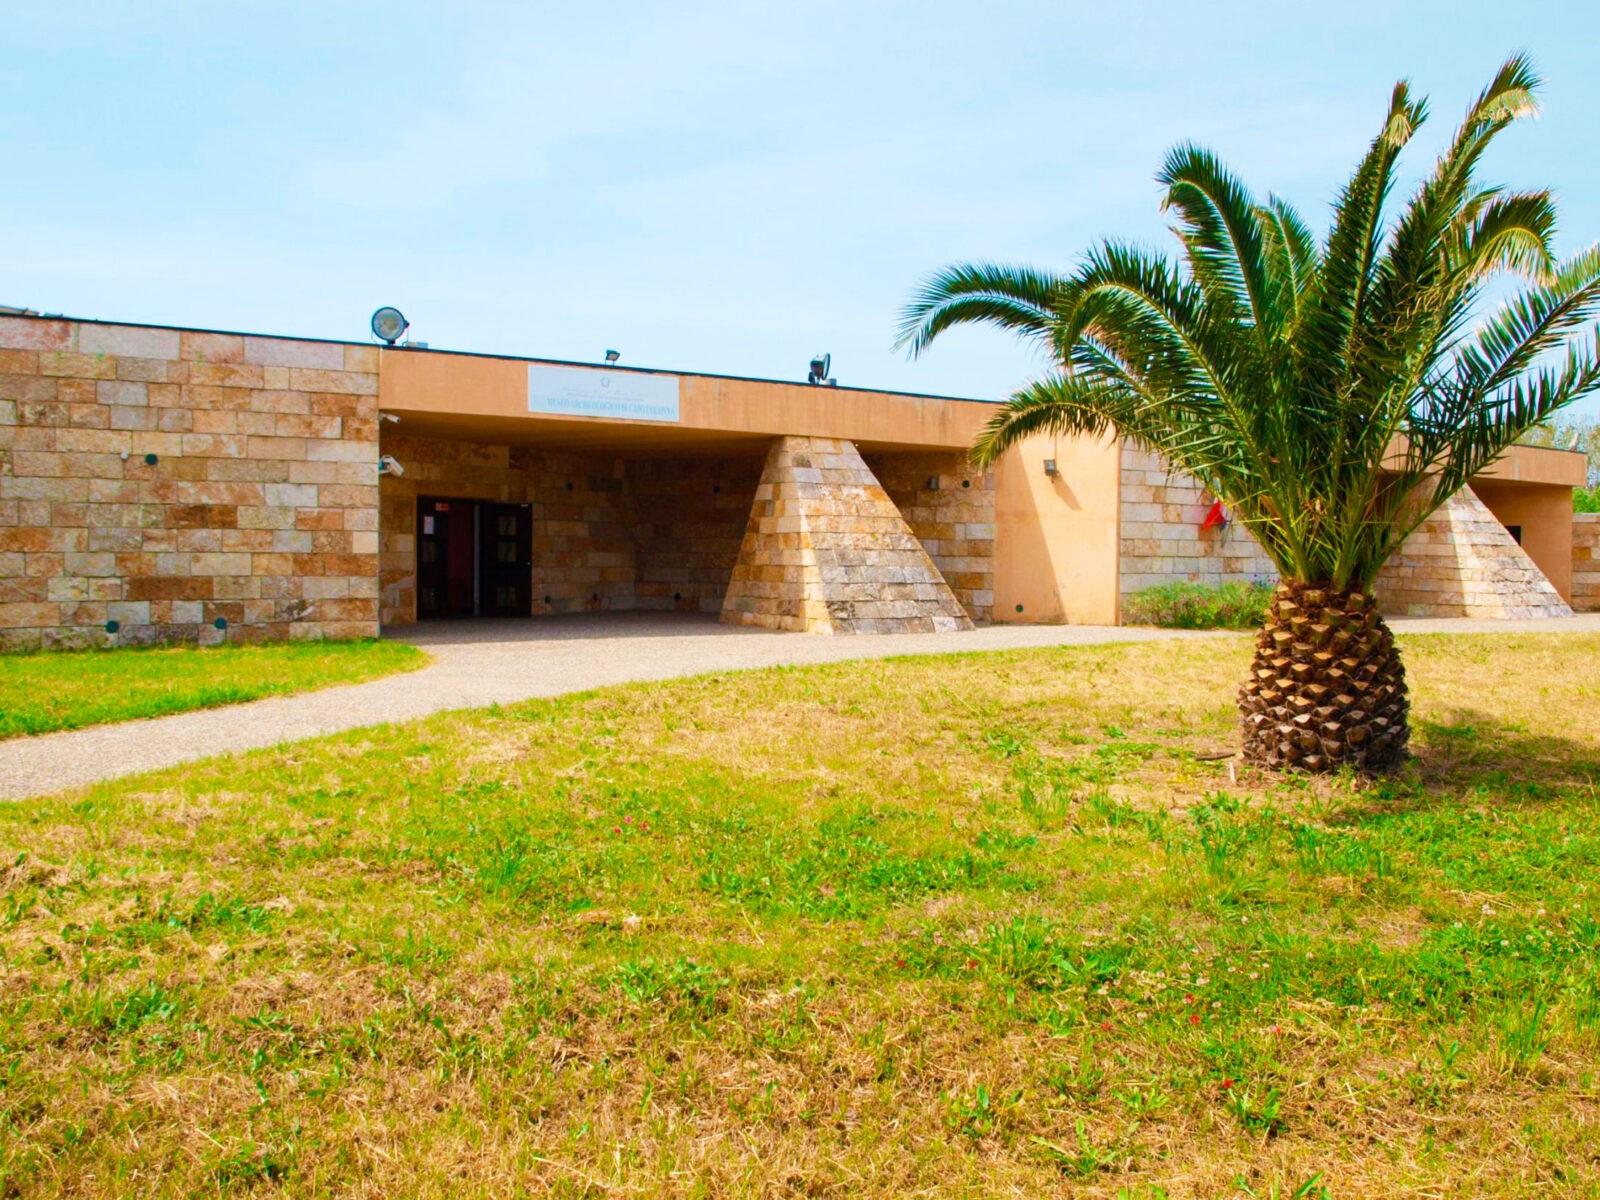 Museo archeologico nazionale di Capocolonna